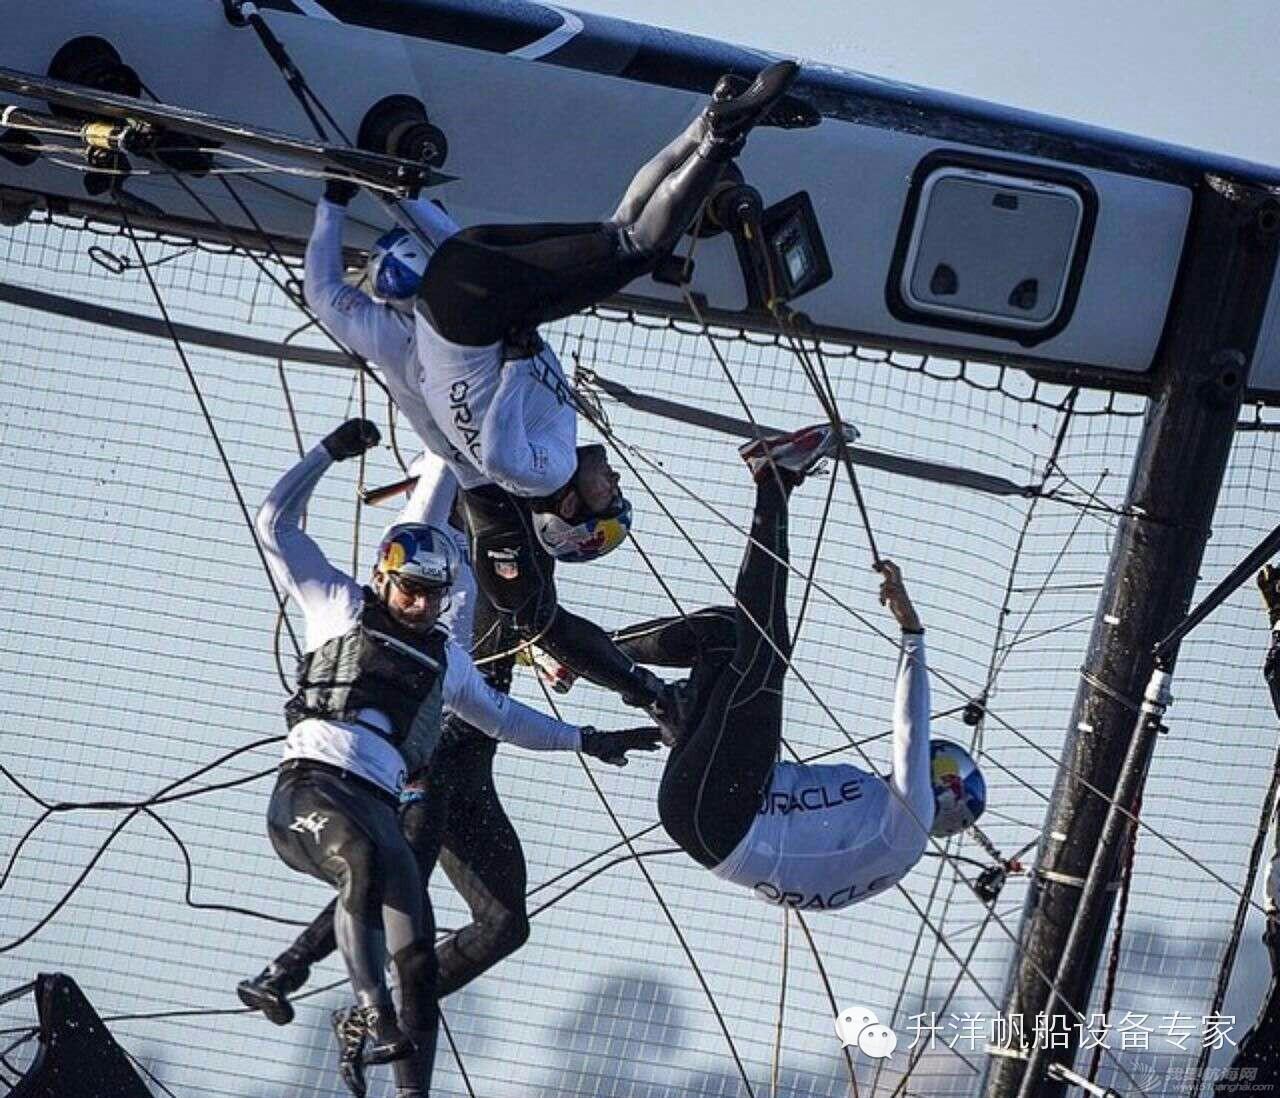 Extreme Sailing �����ൺ�ӣ�����װ���� bb7e2a08249baeb974b0de68a89bf028.jpg